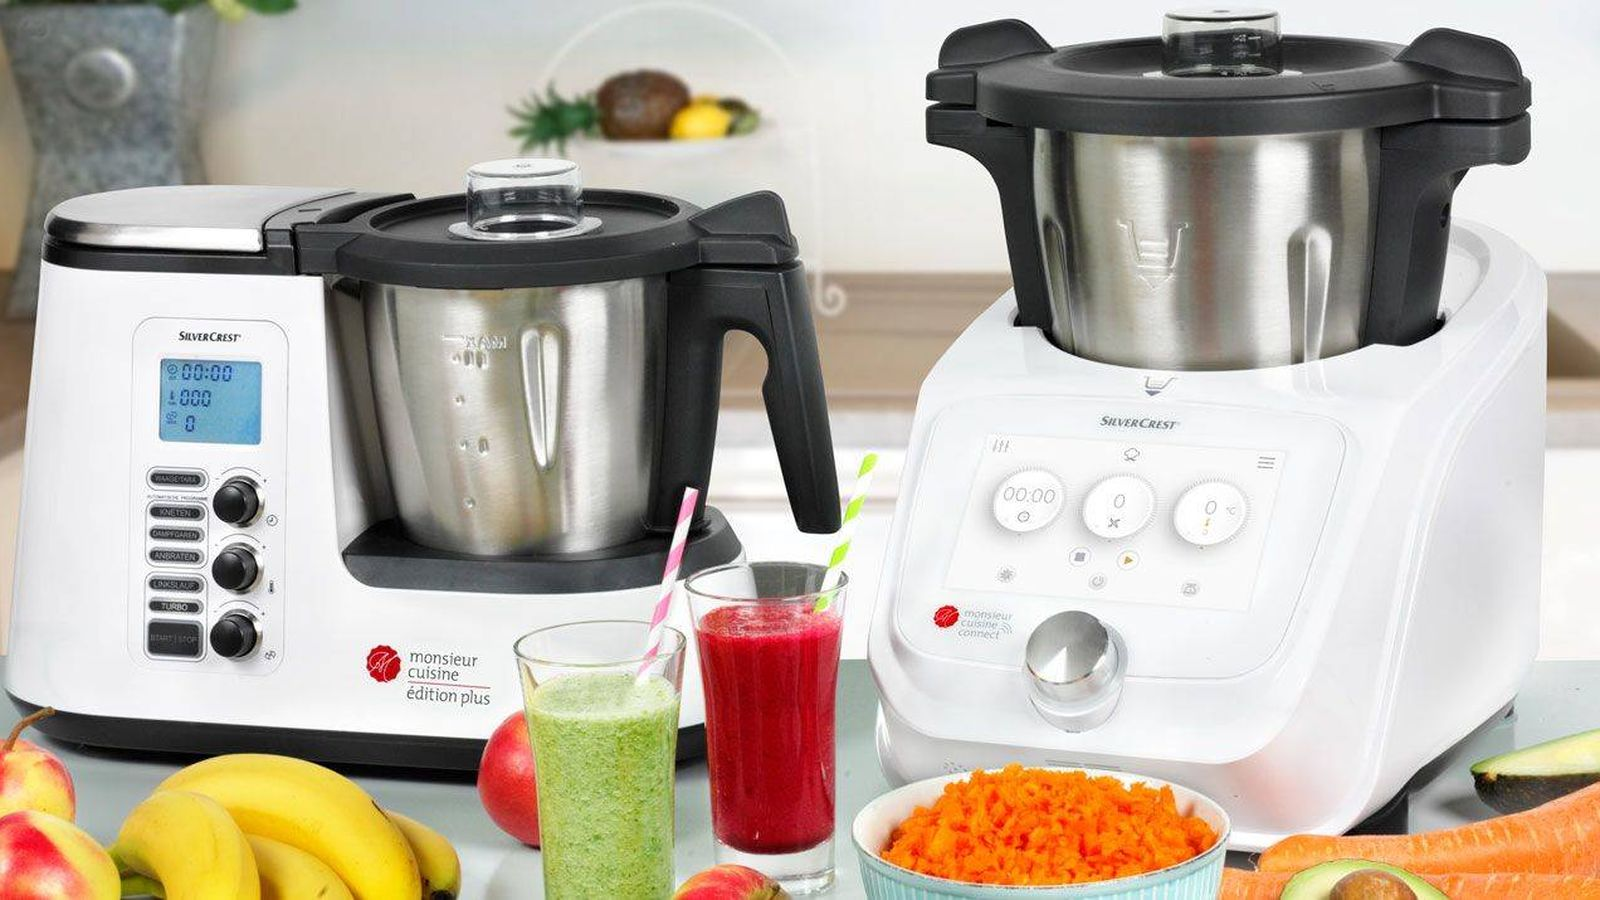 Silvelcrest robot cocina Lidl